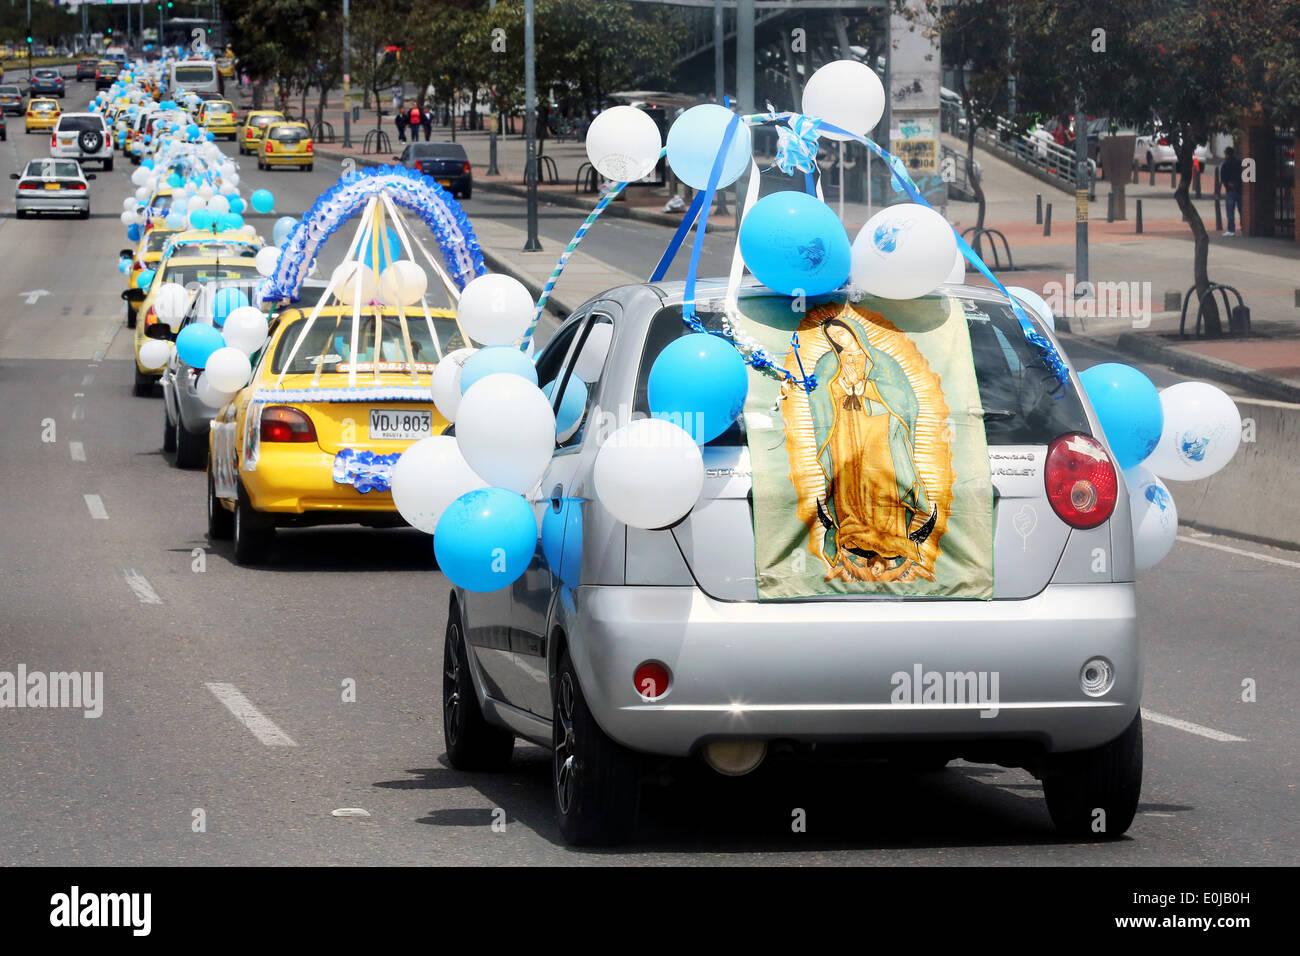 Défilé des taxis décorées avec des ballons et des statues de la Vierge Marie pour honorer la mère de Jésus Christ. Bogota, Colombie Photo Stock